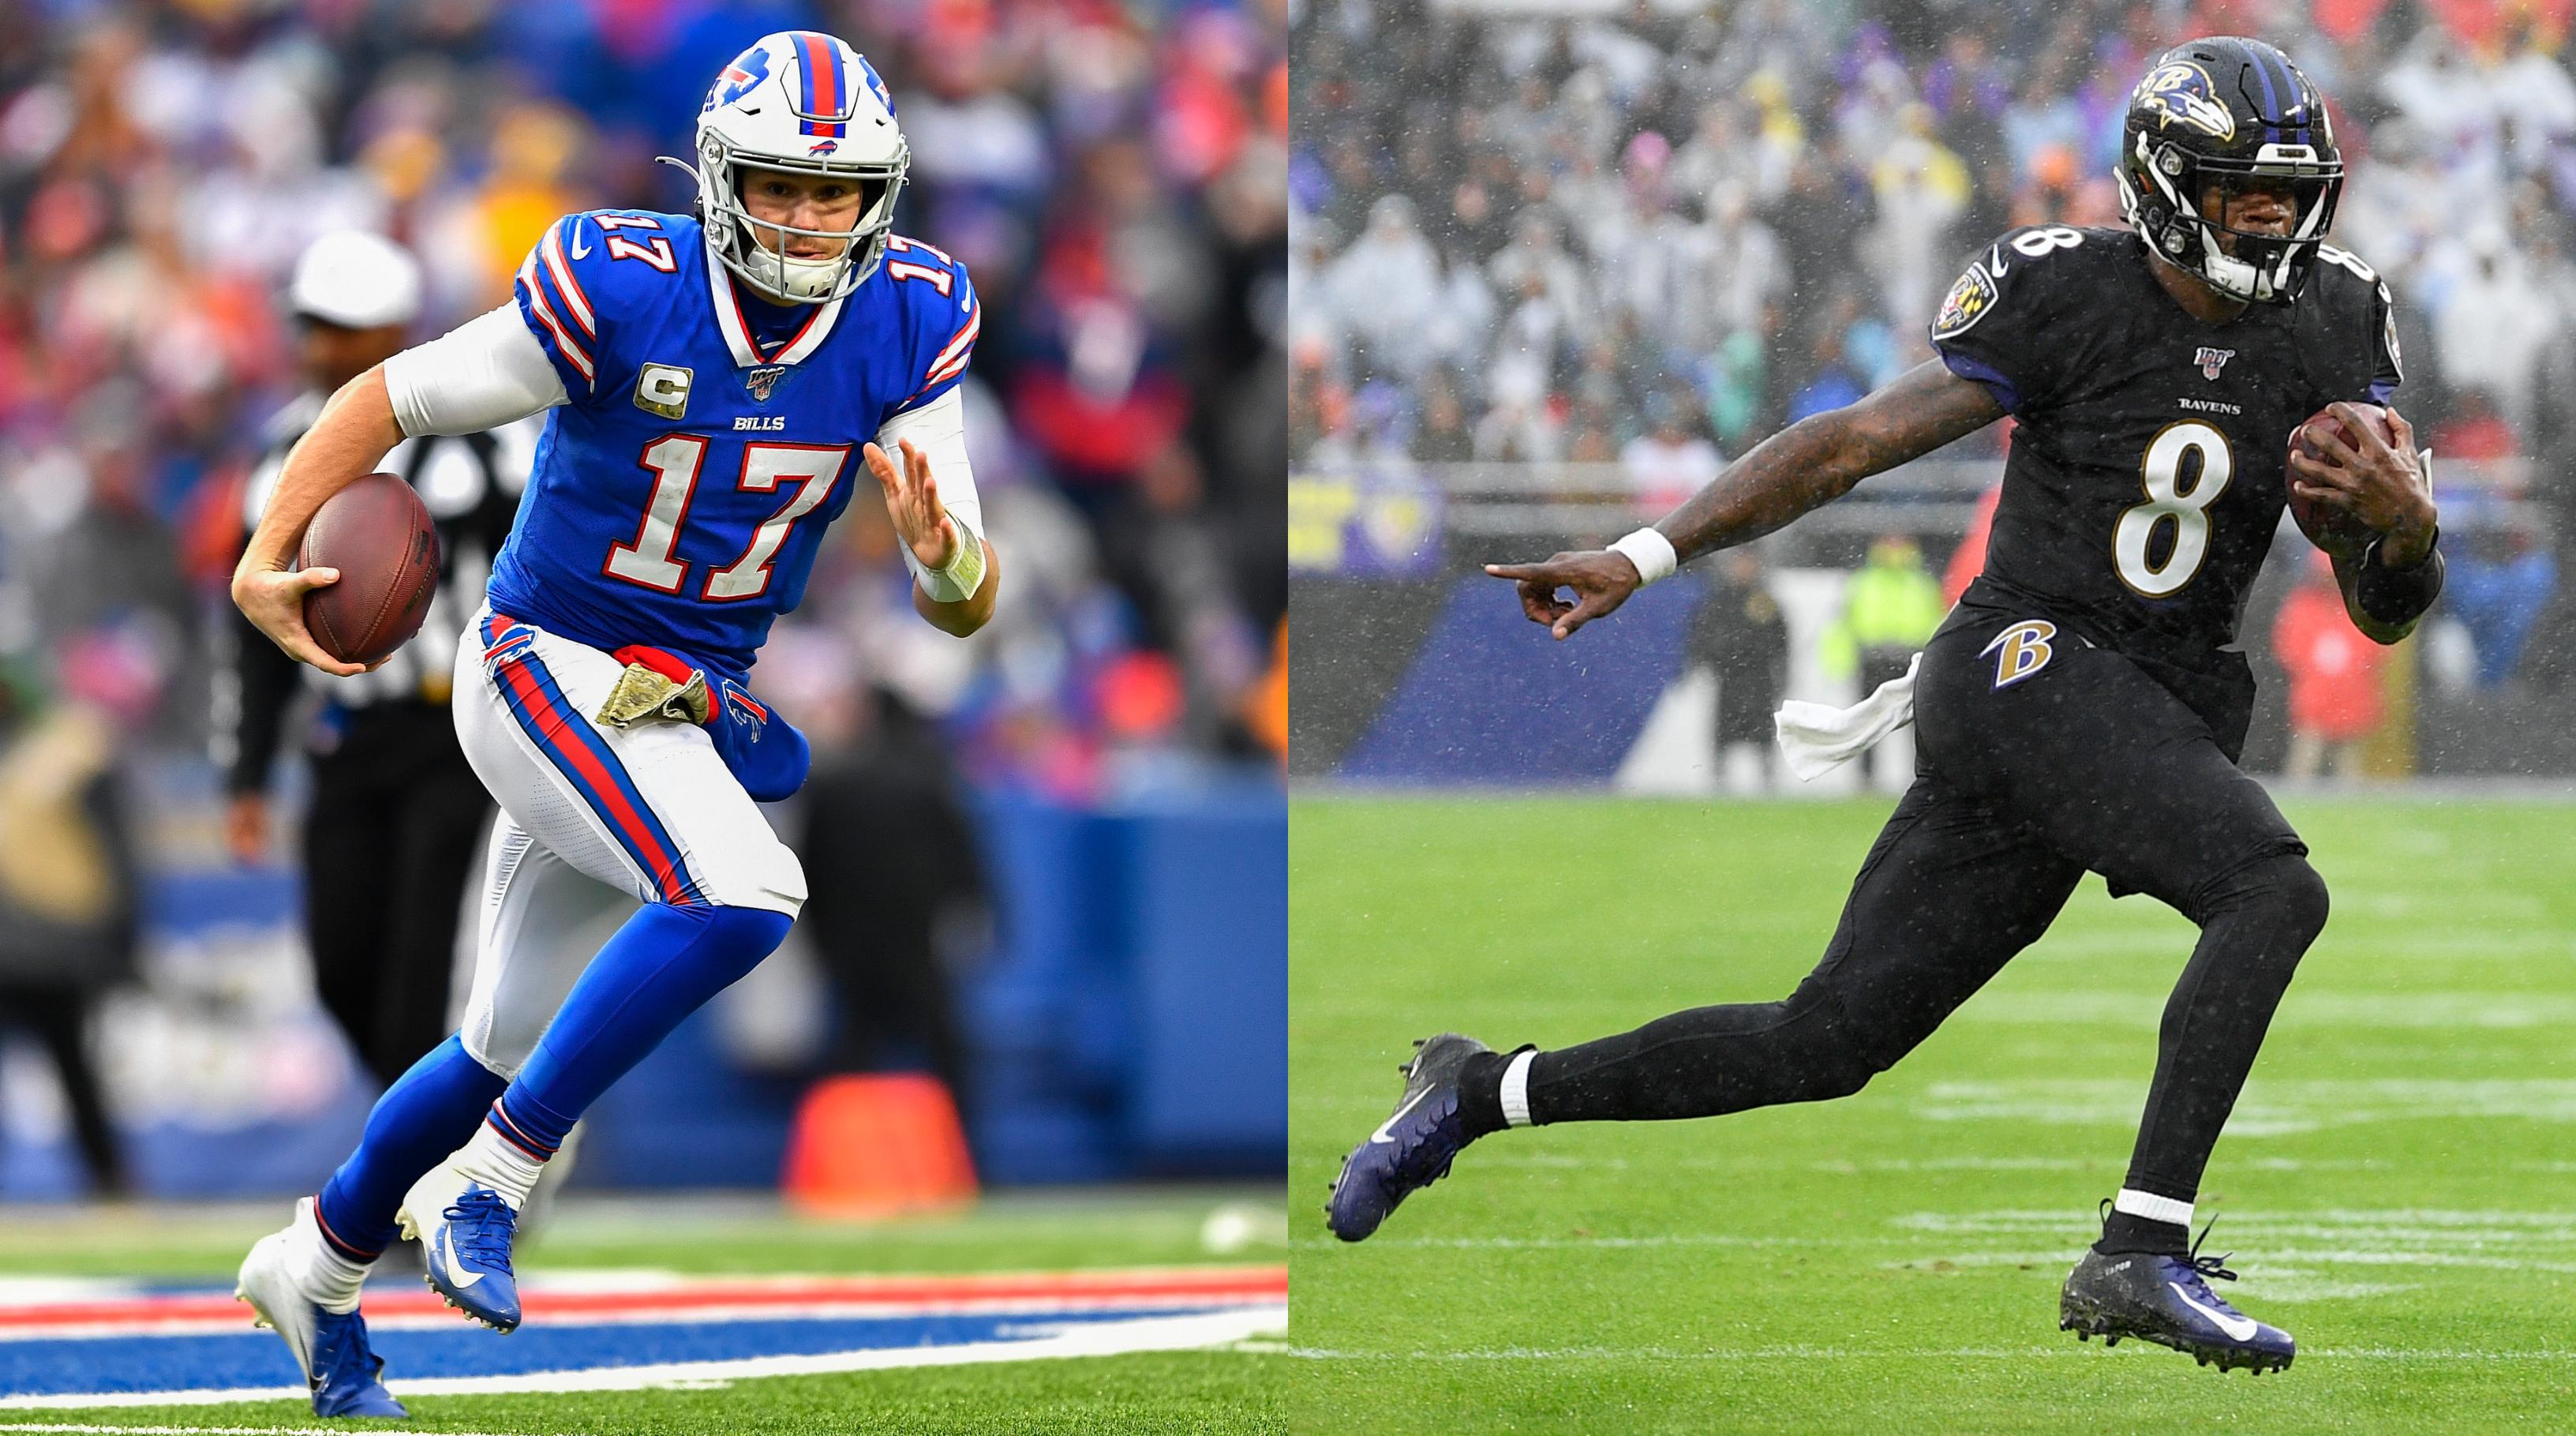 Ravens Vs Bills Game Preview Marylandsportsblog Com